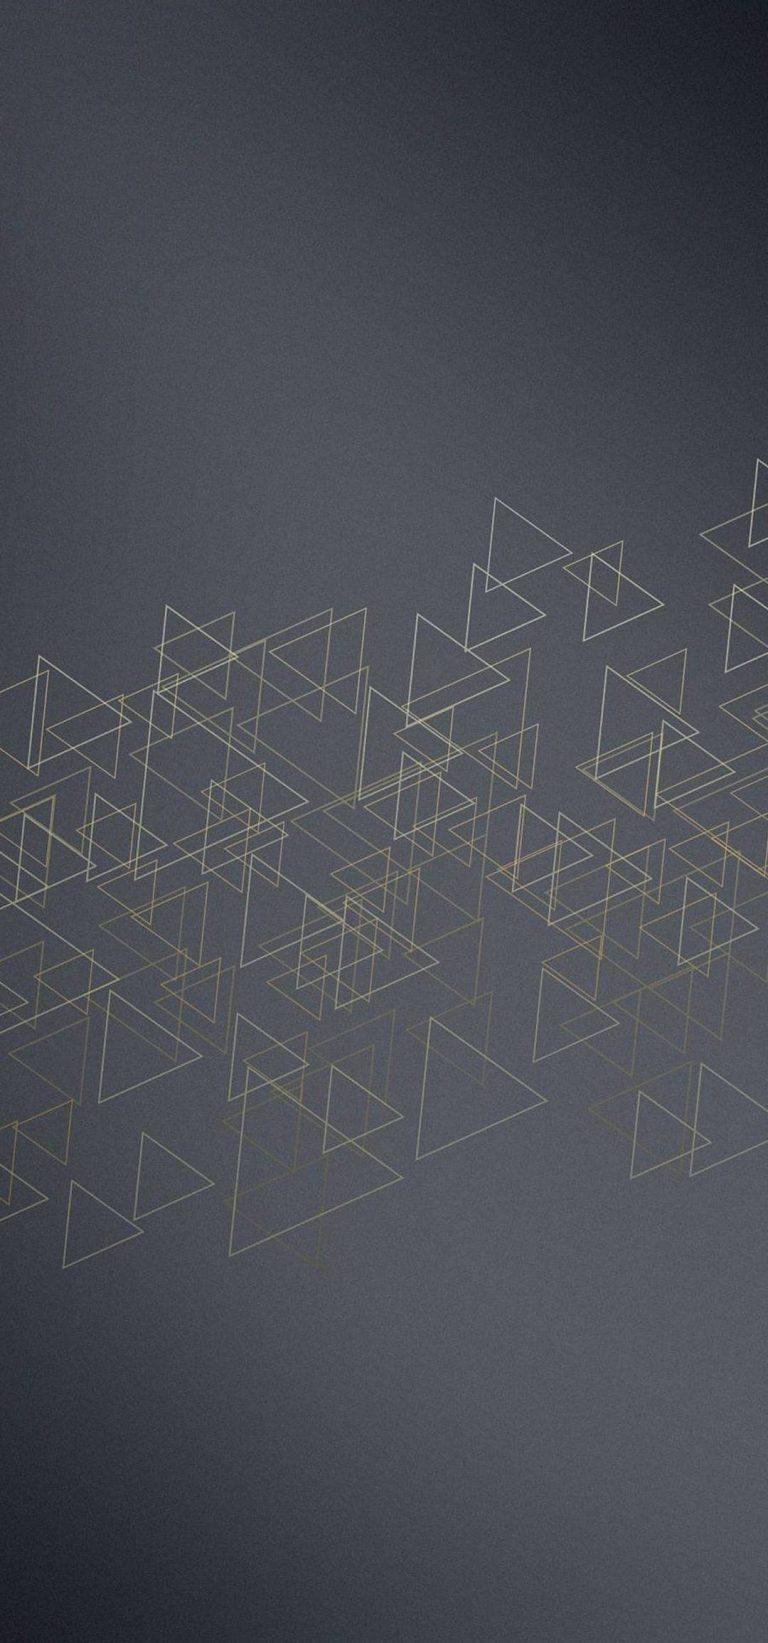 1080x2310 Wallpaper 382 768x1643